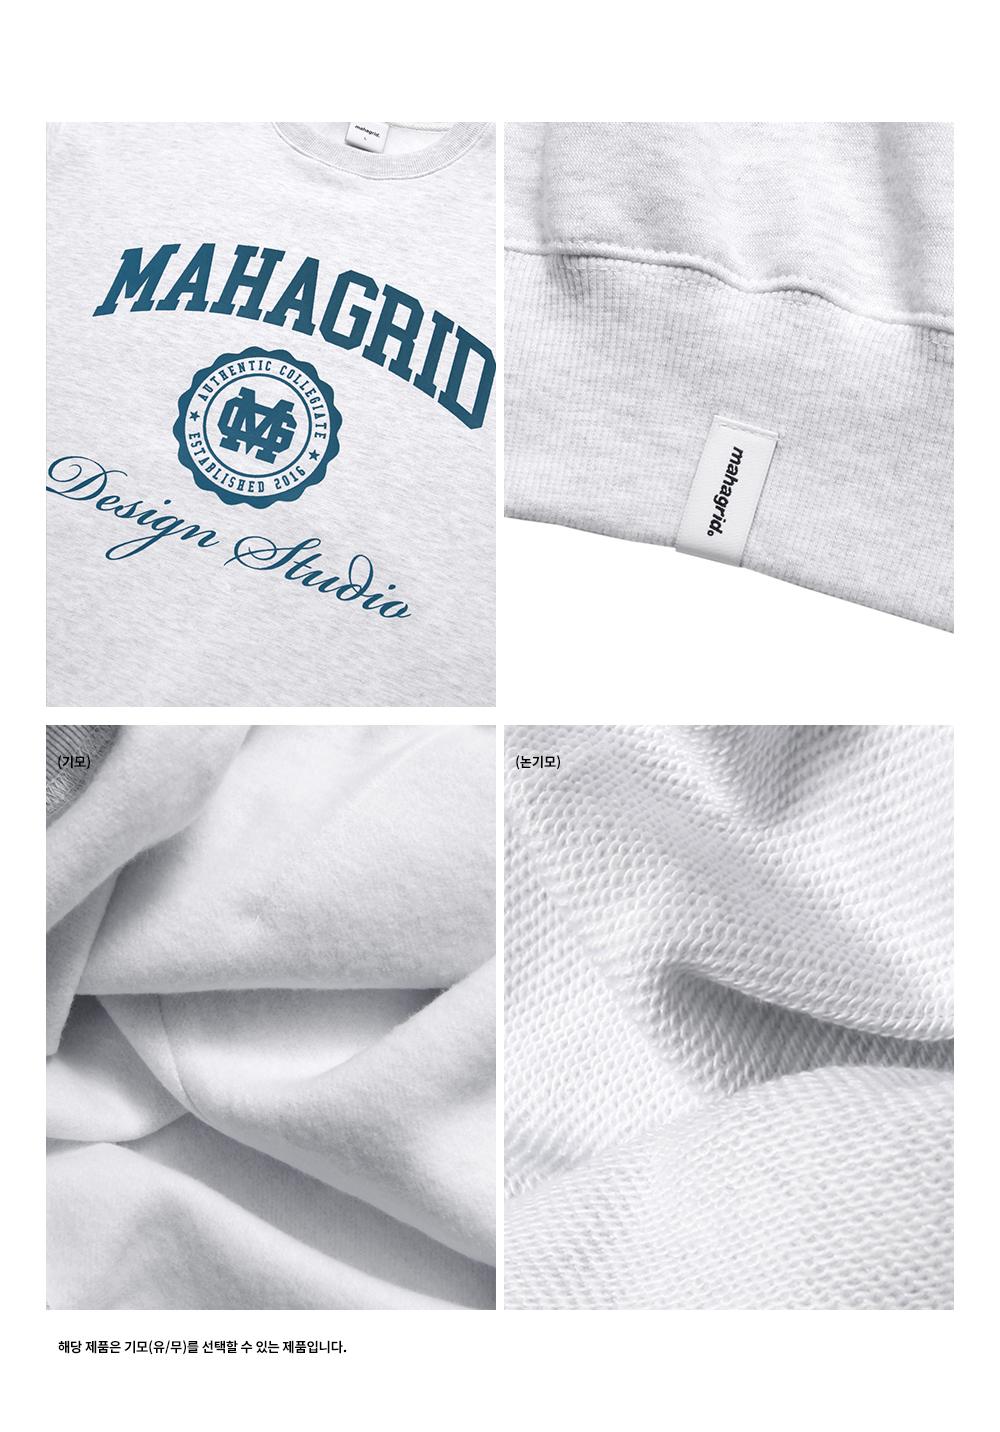 마하그리드(MAHAGRID) AUTHENTIC SWEATSHIRT LIGHT GREY(MG2BFMM463A)